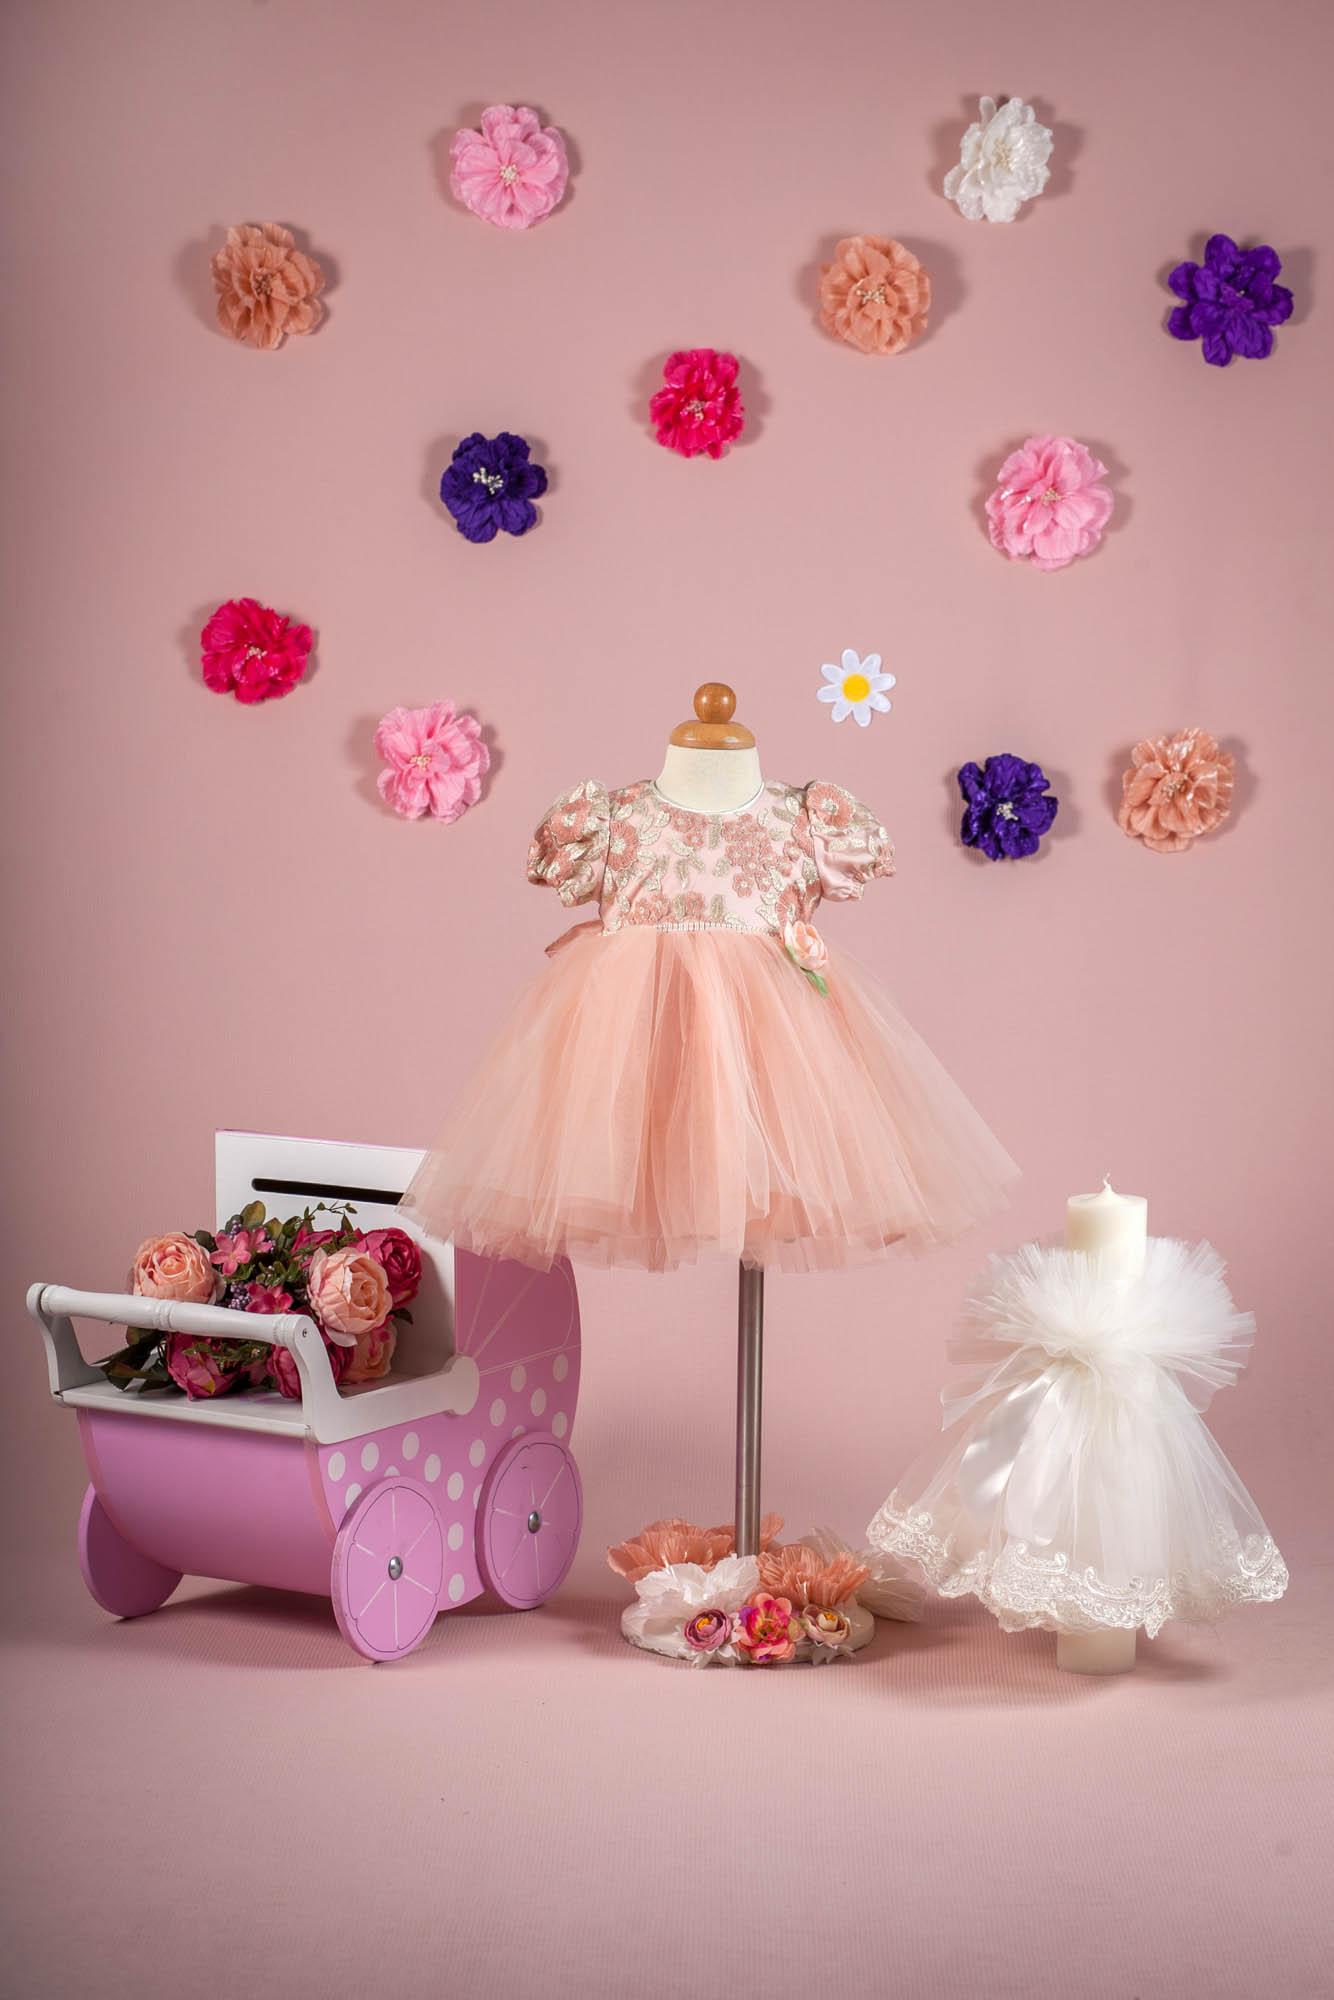 Rochita Sweet Princess 1